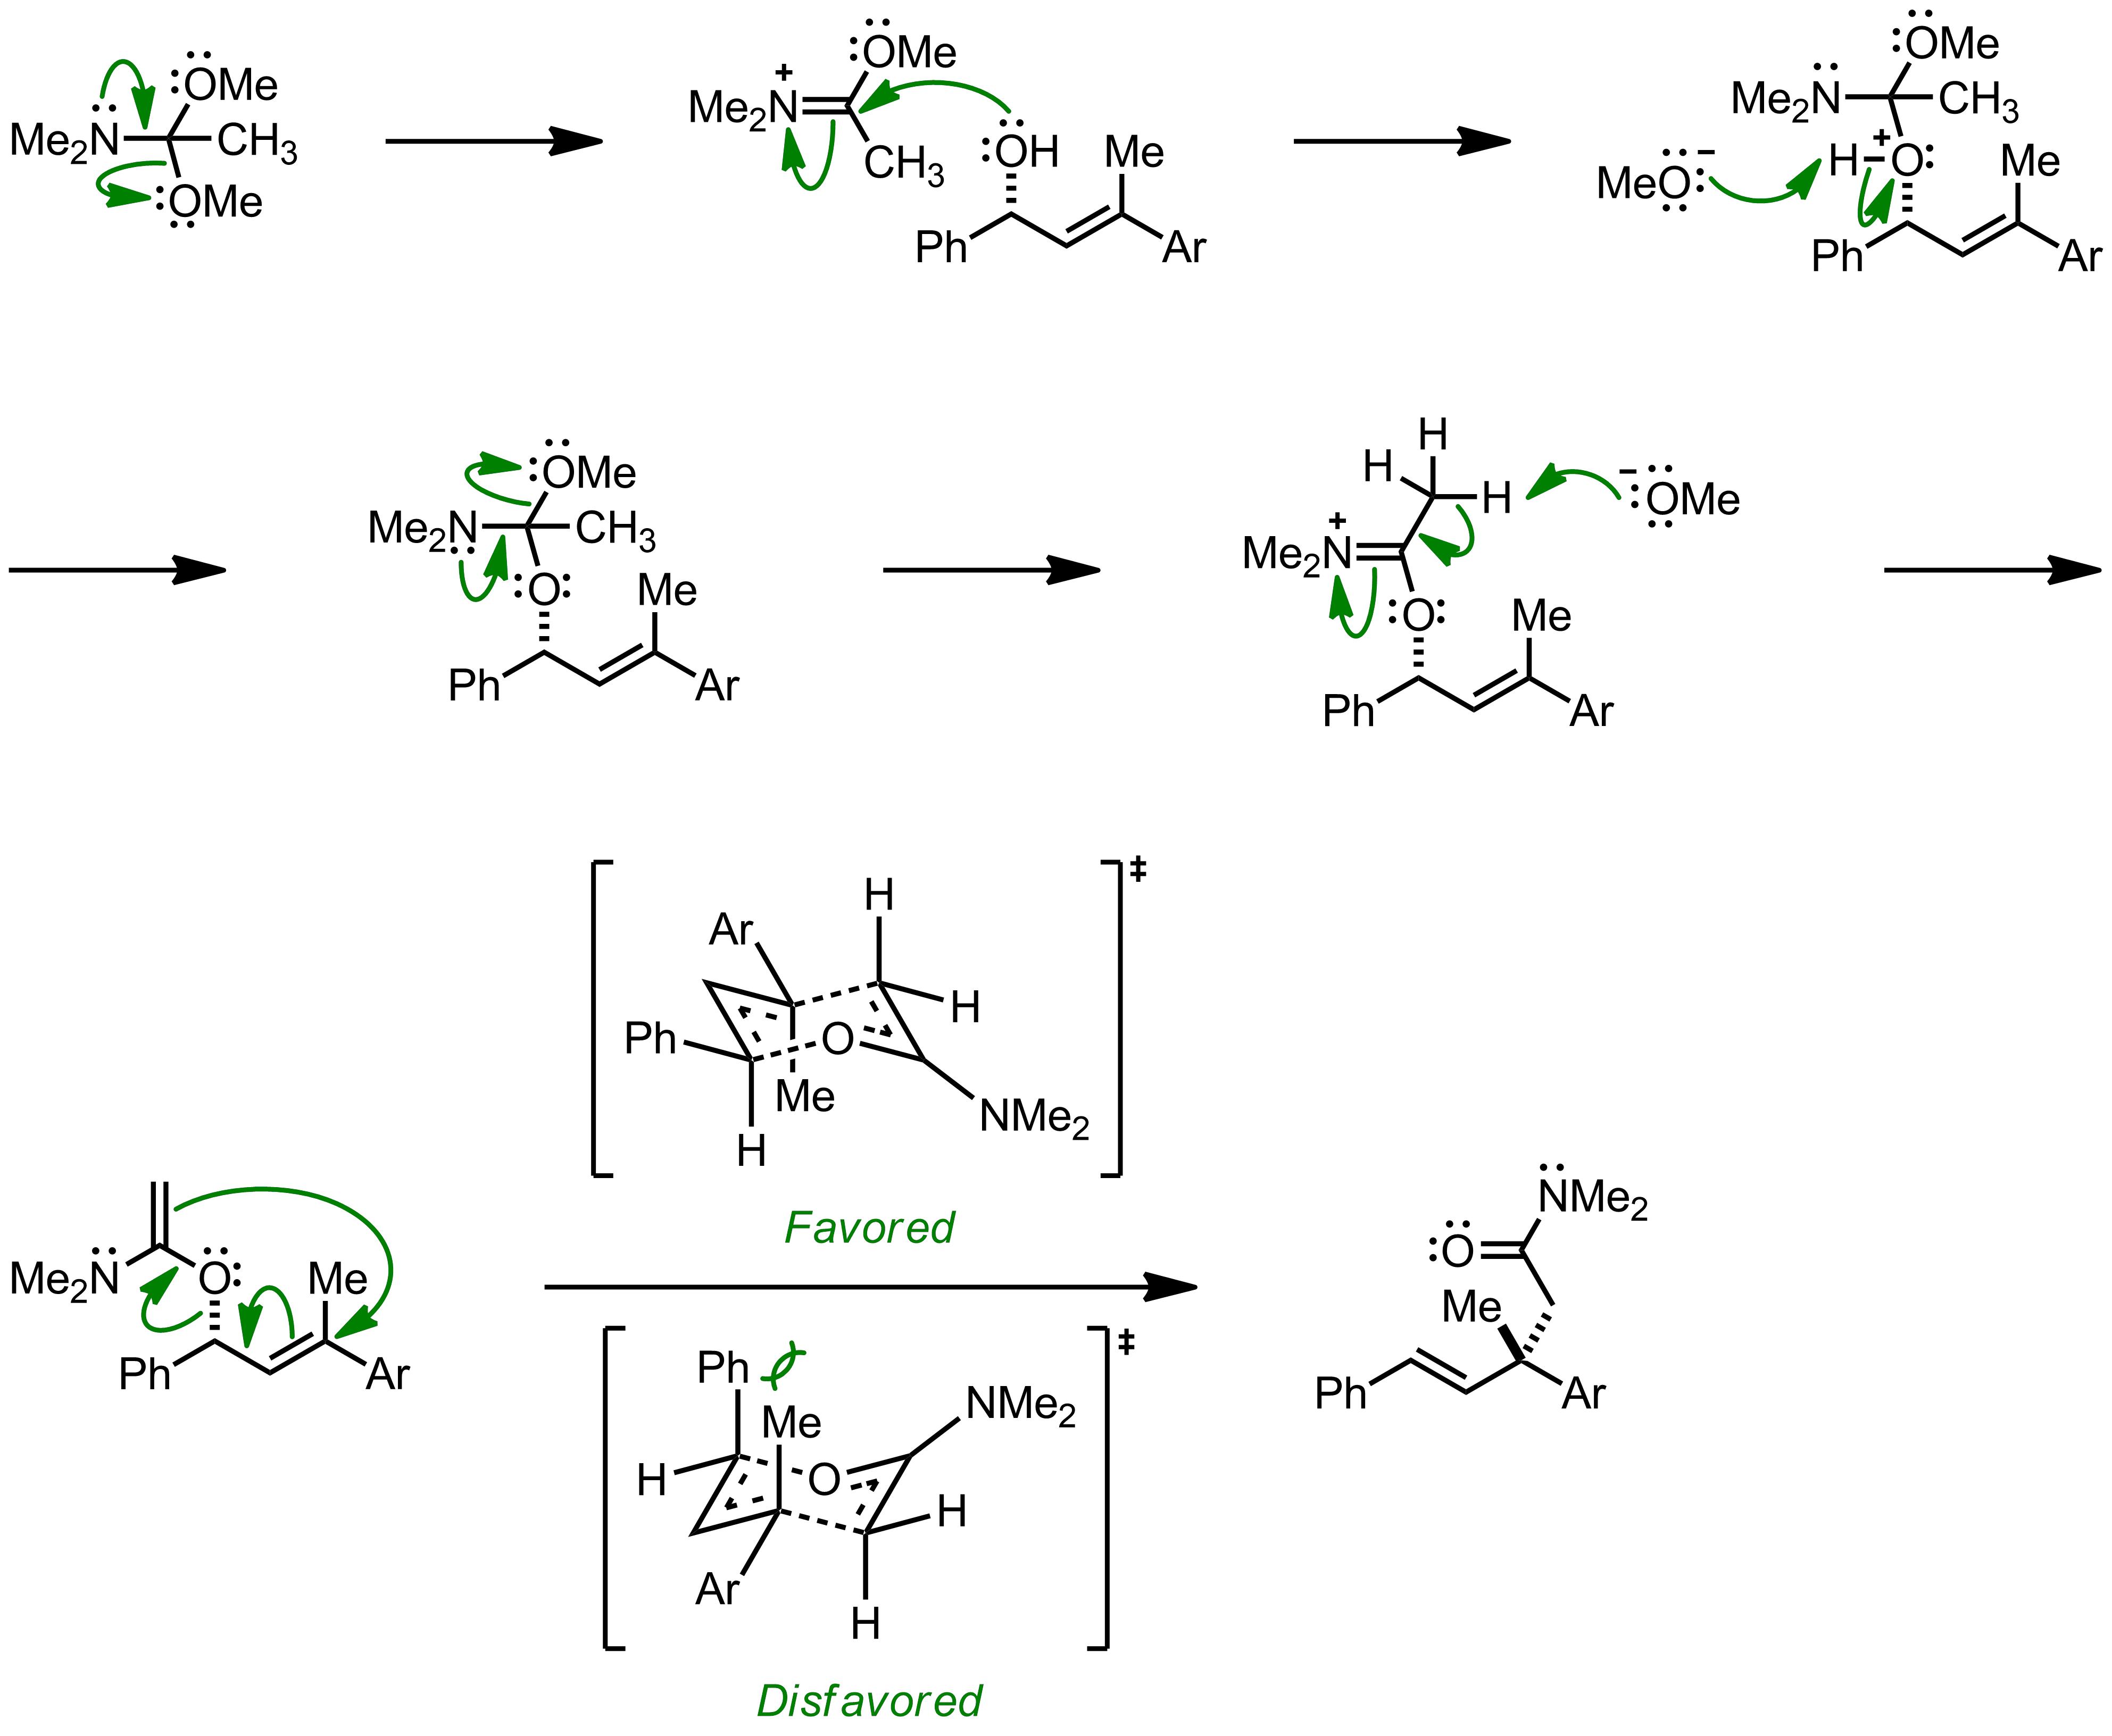 Mechanism of the Eschenmoser-Claisen Rearrangement